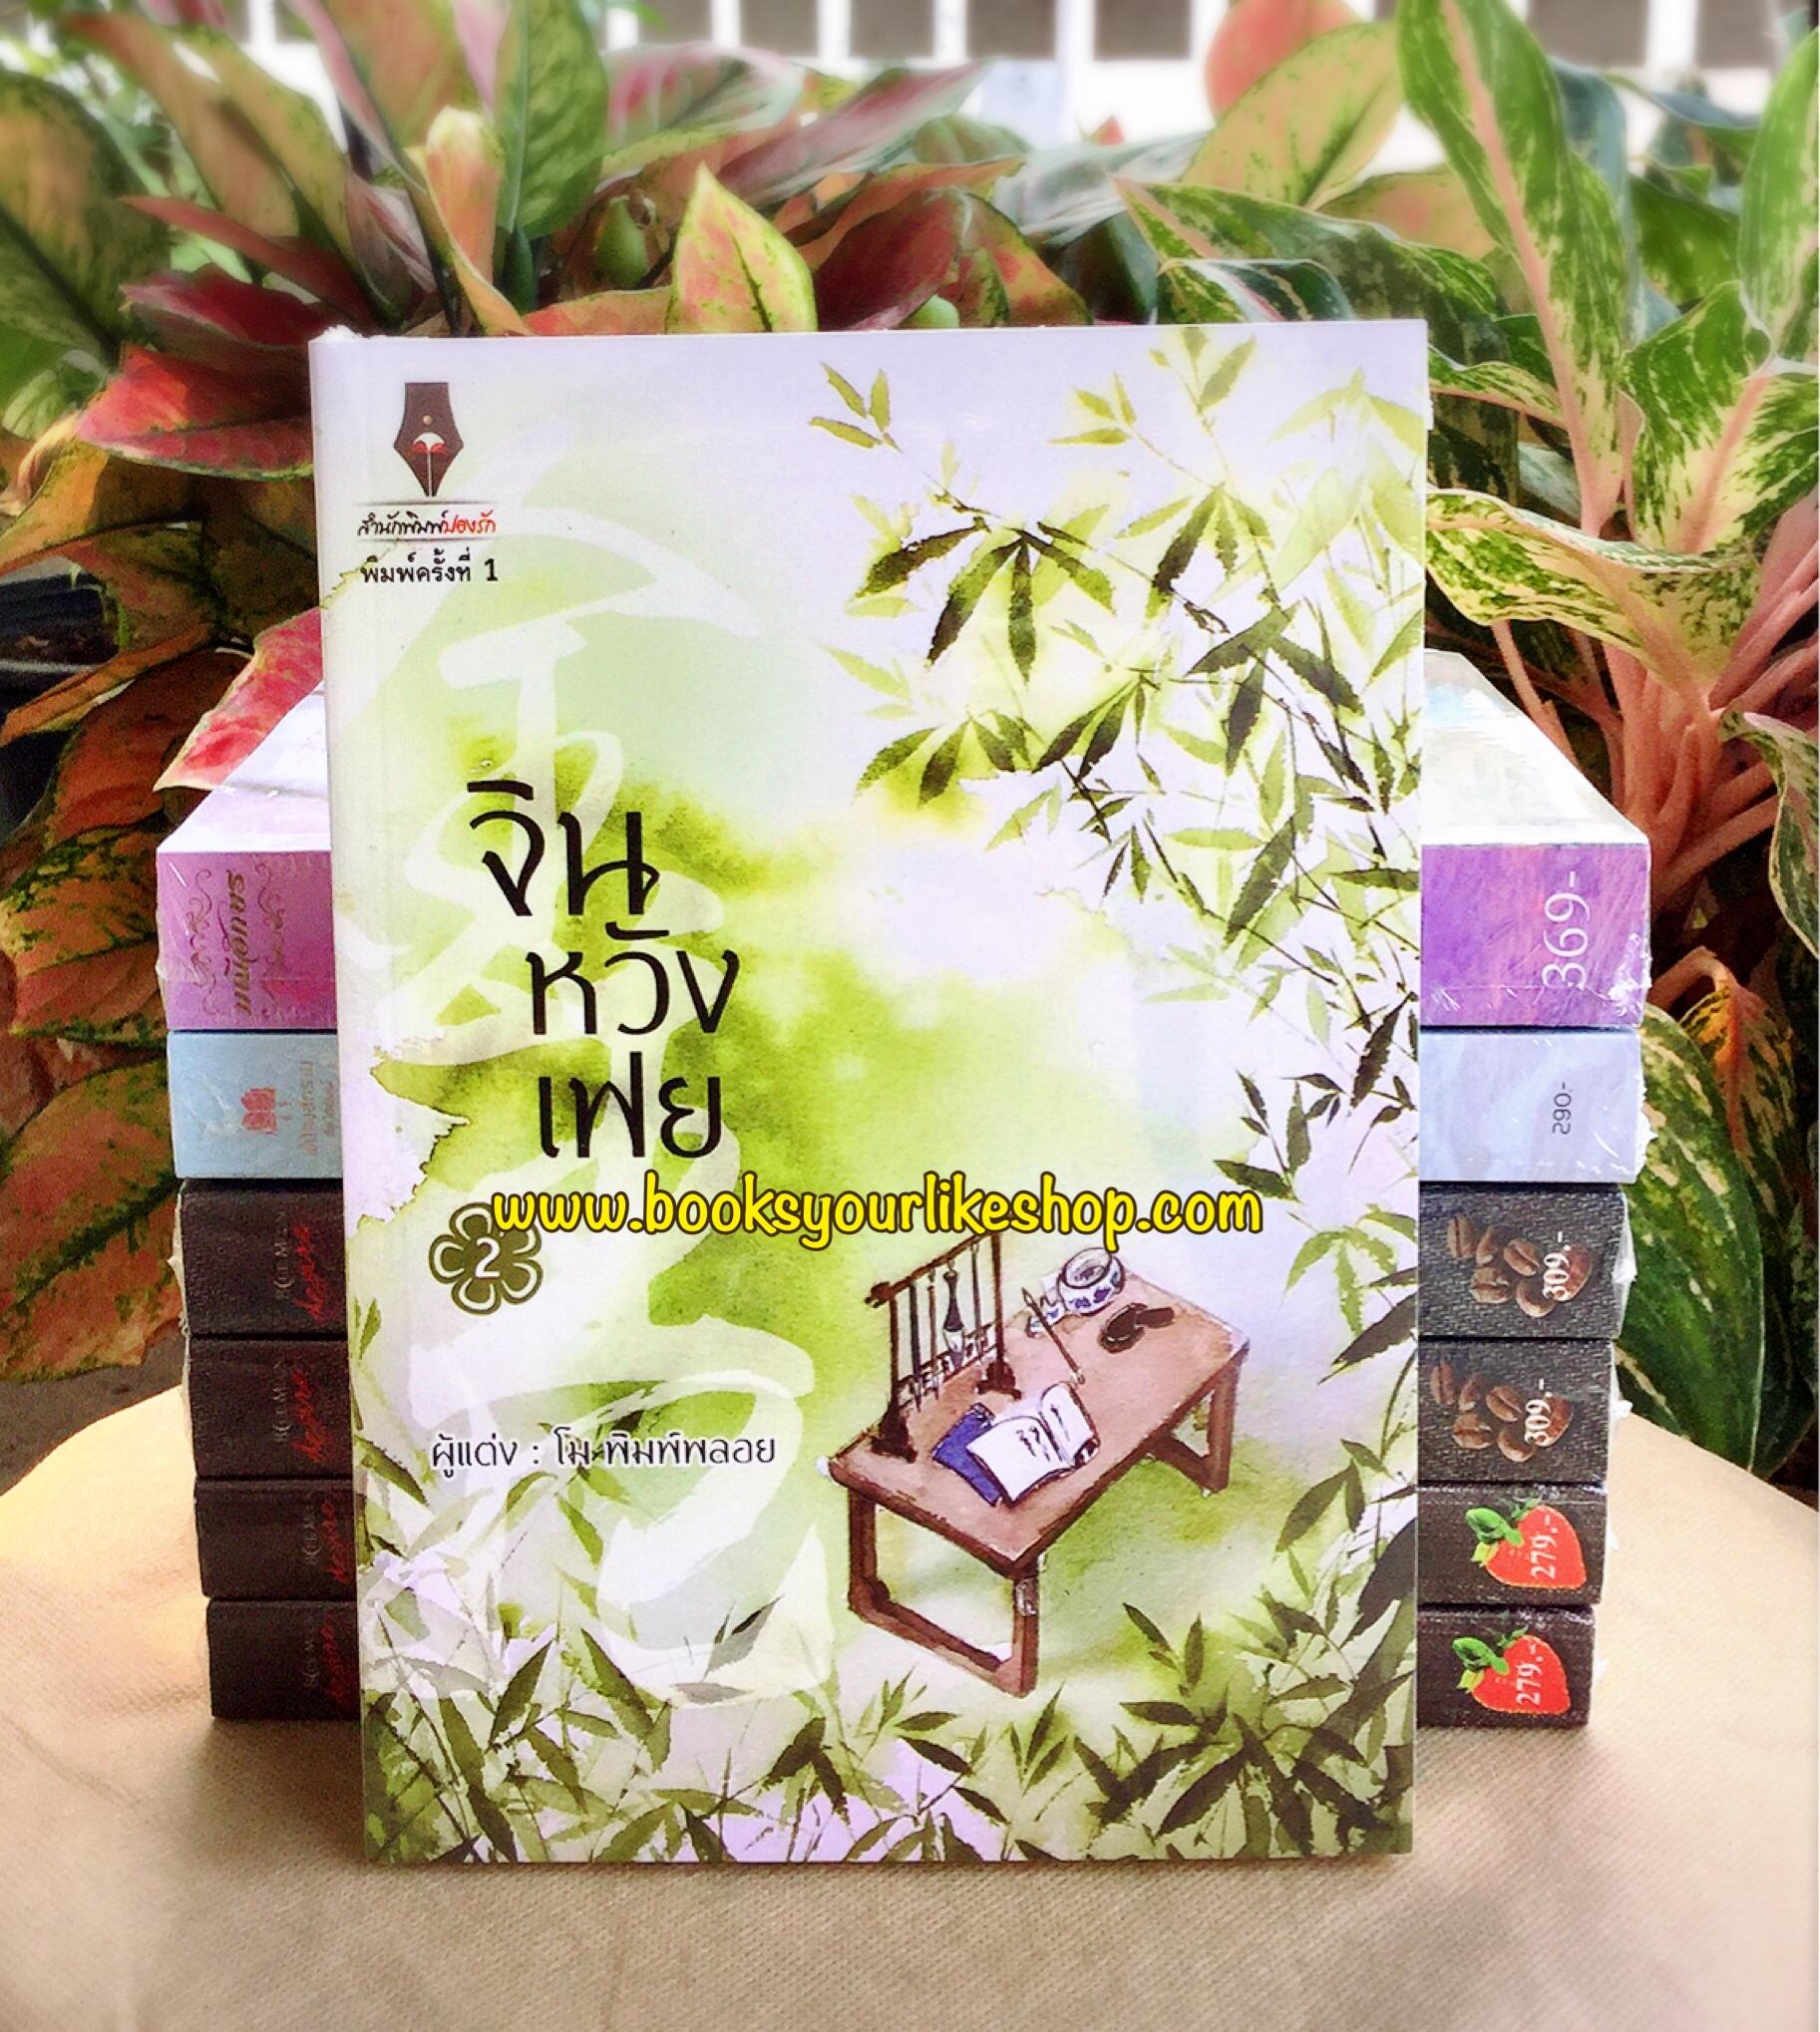 จินหวังเฟย เล่ม 2 / โม พิมพ์พลอย หนังสือใหม่ จีนโบราณ